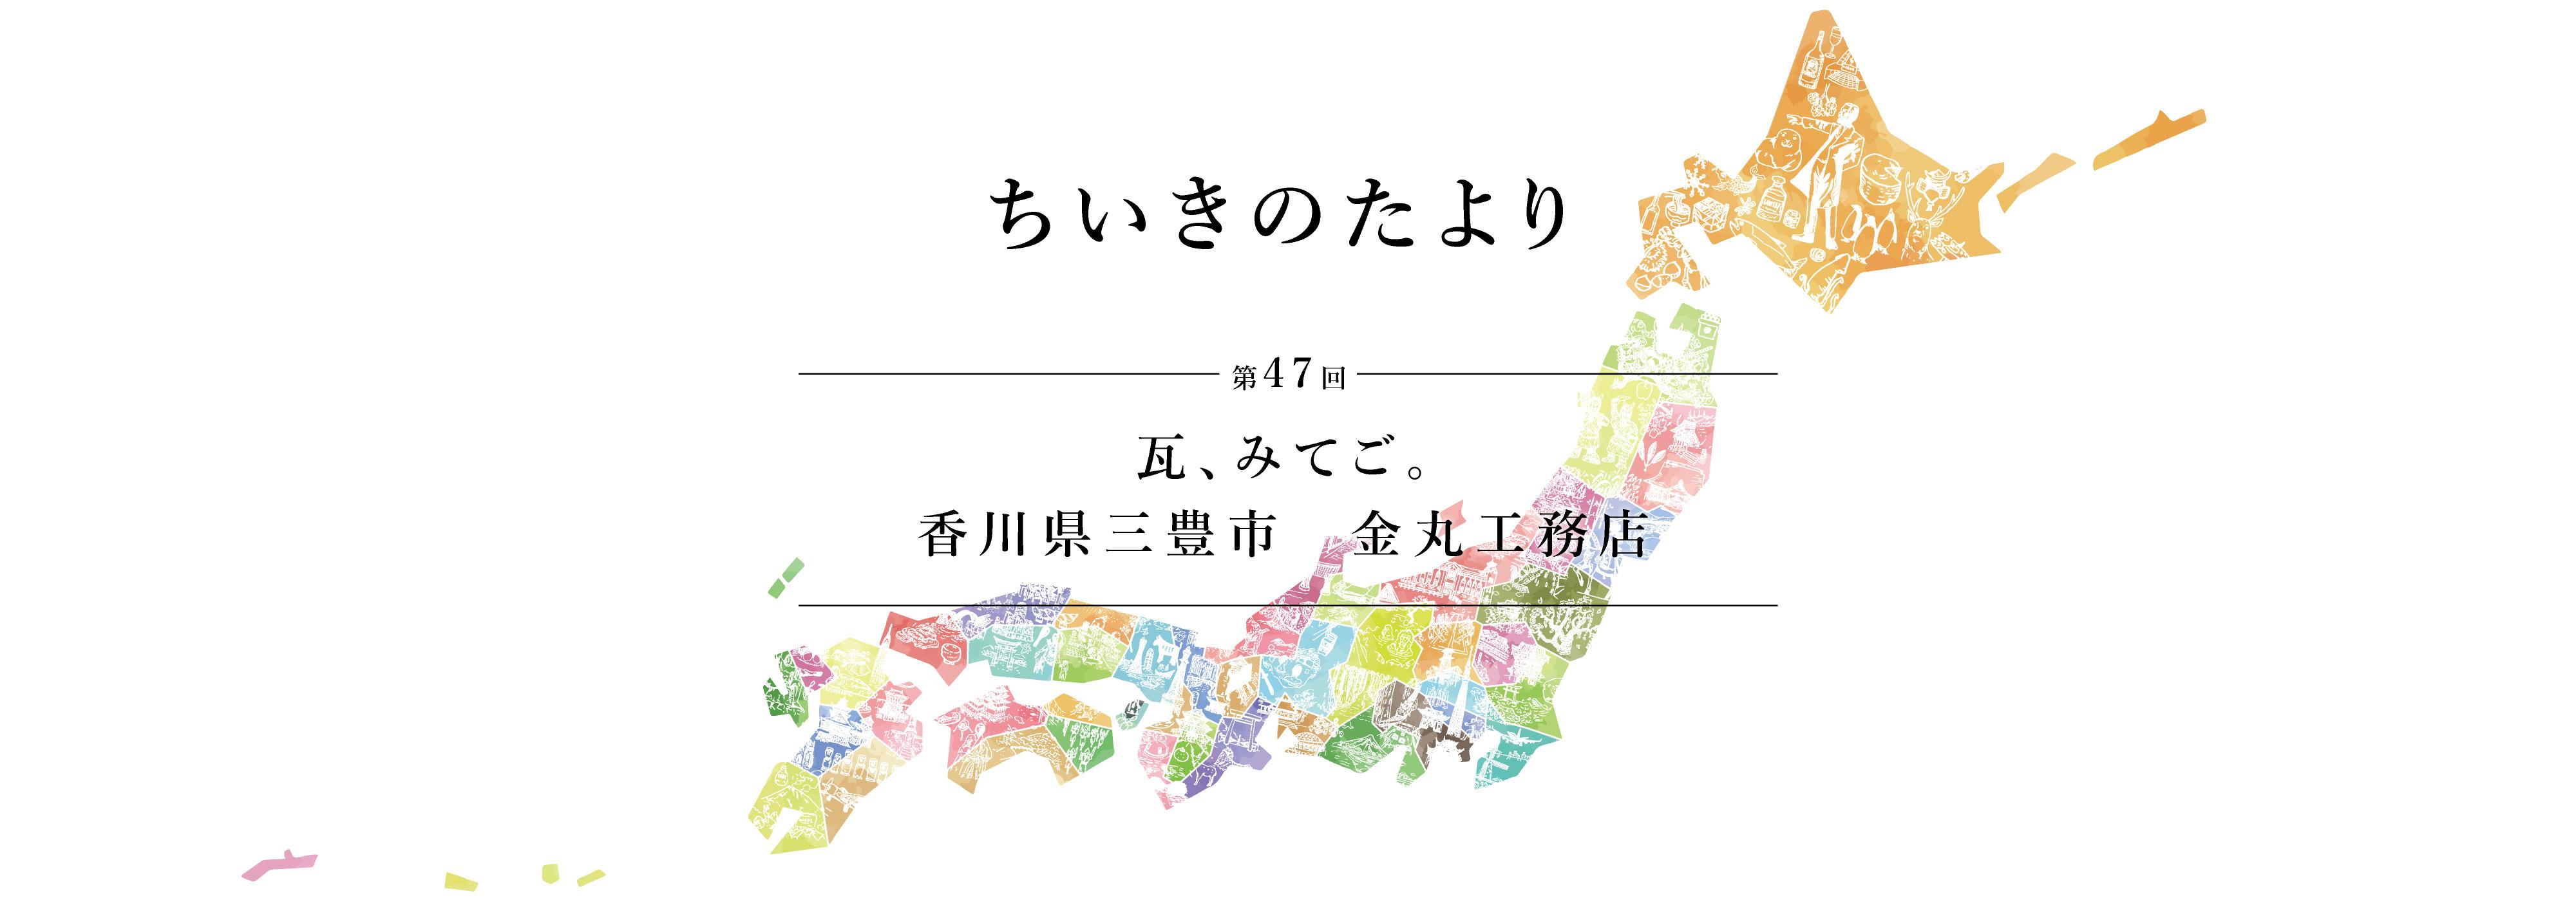 ちいきのたより第47回瓦、みてご。香川県三豊市金丸工務店